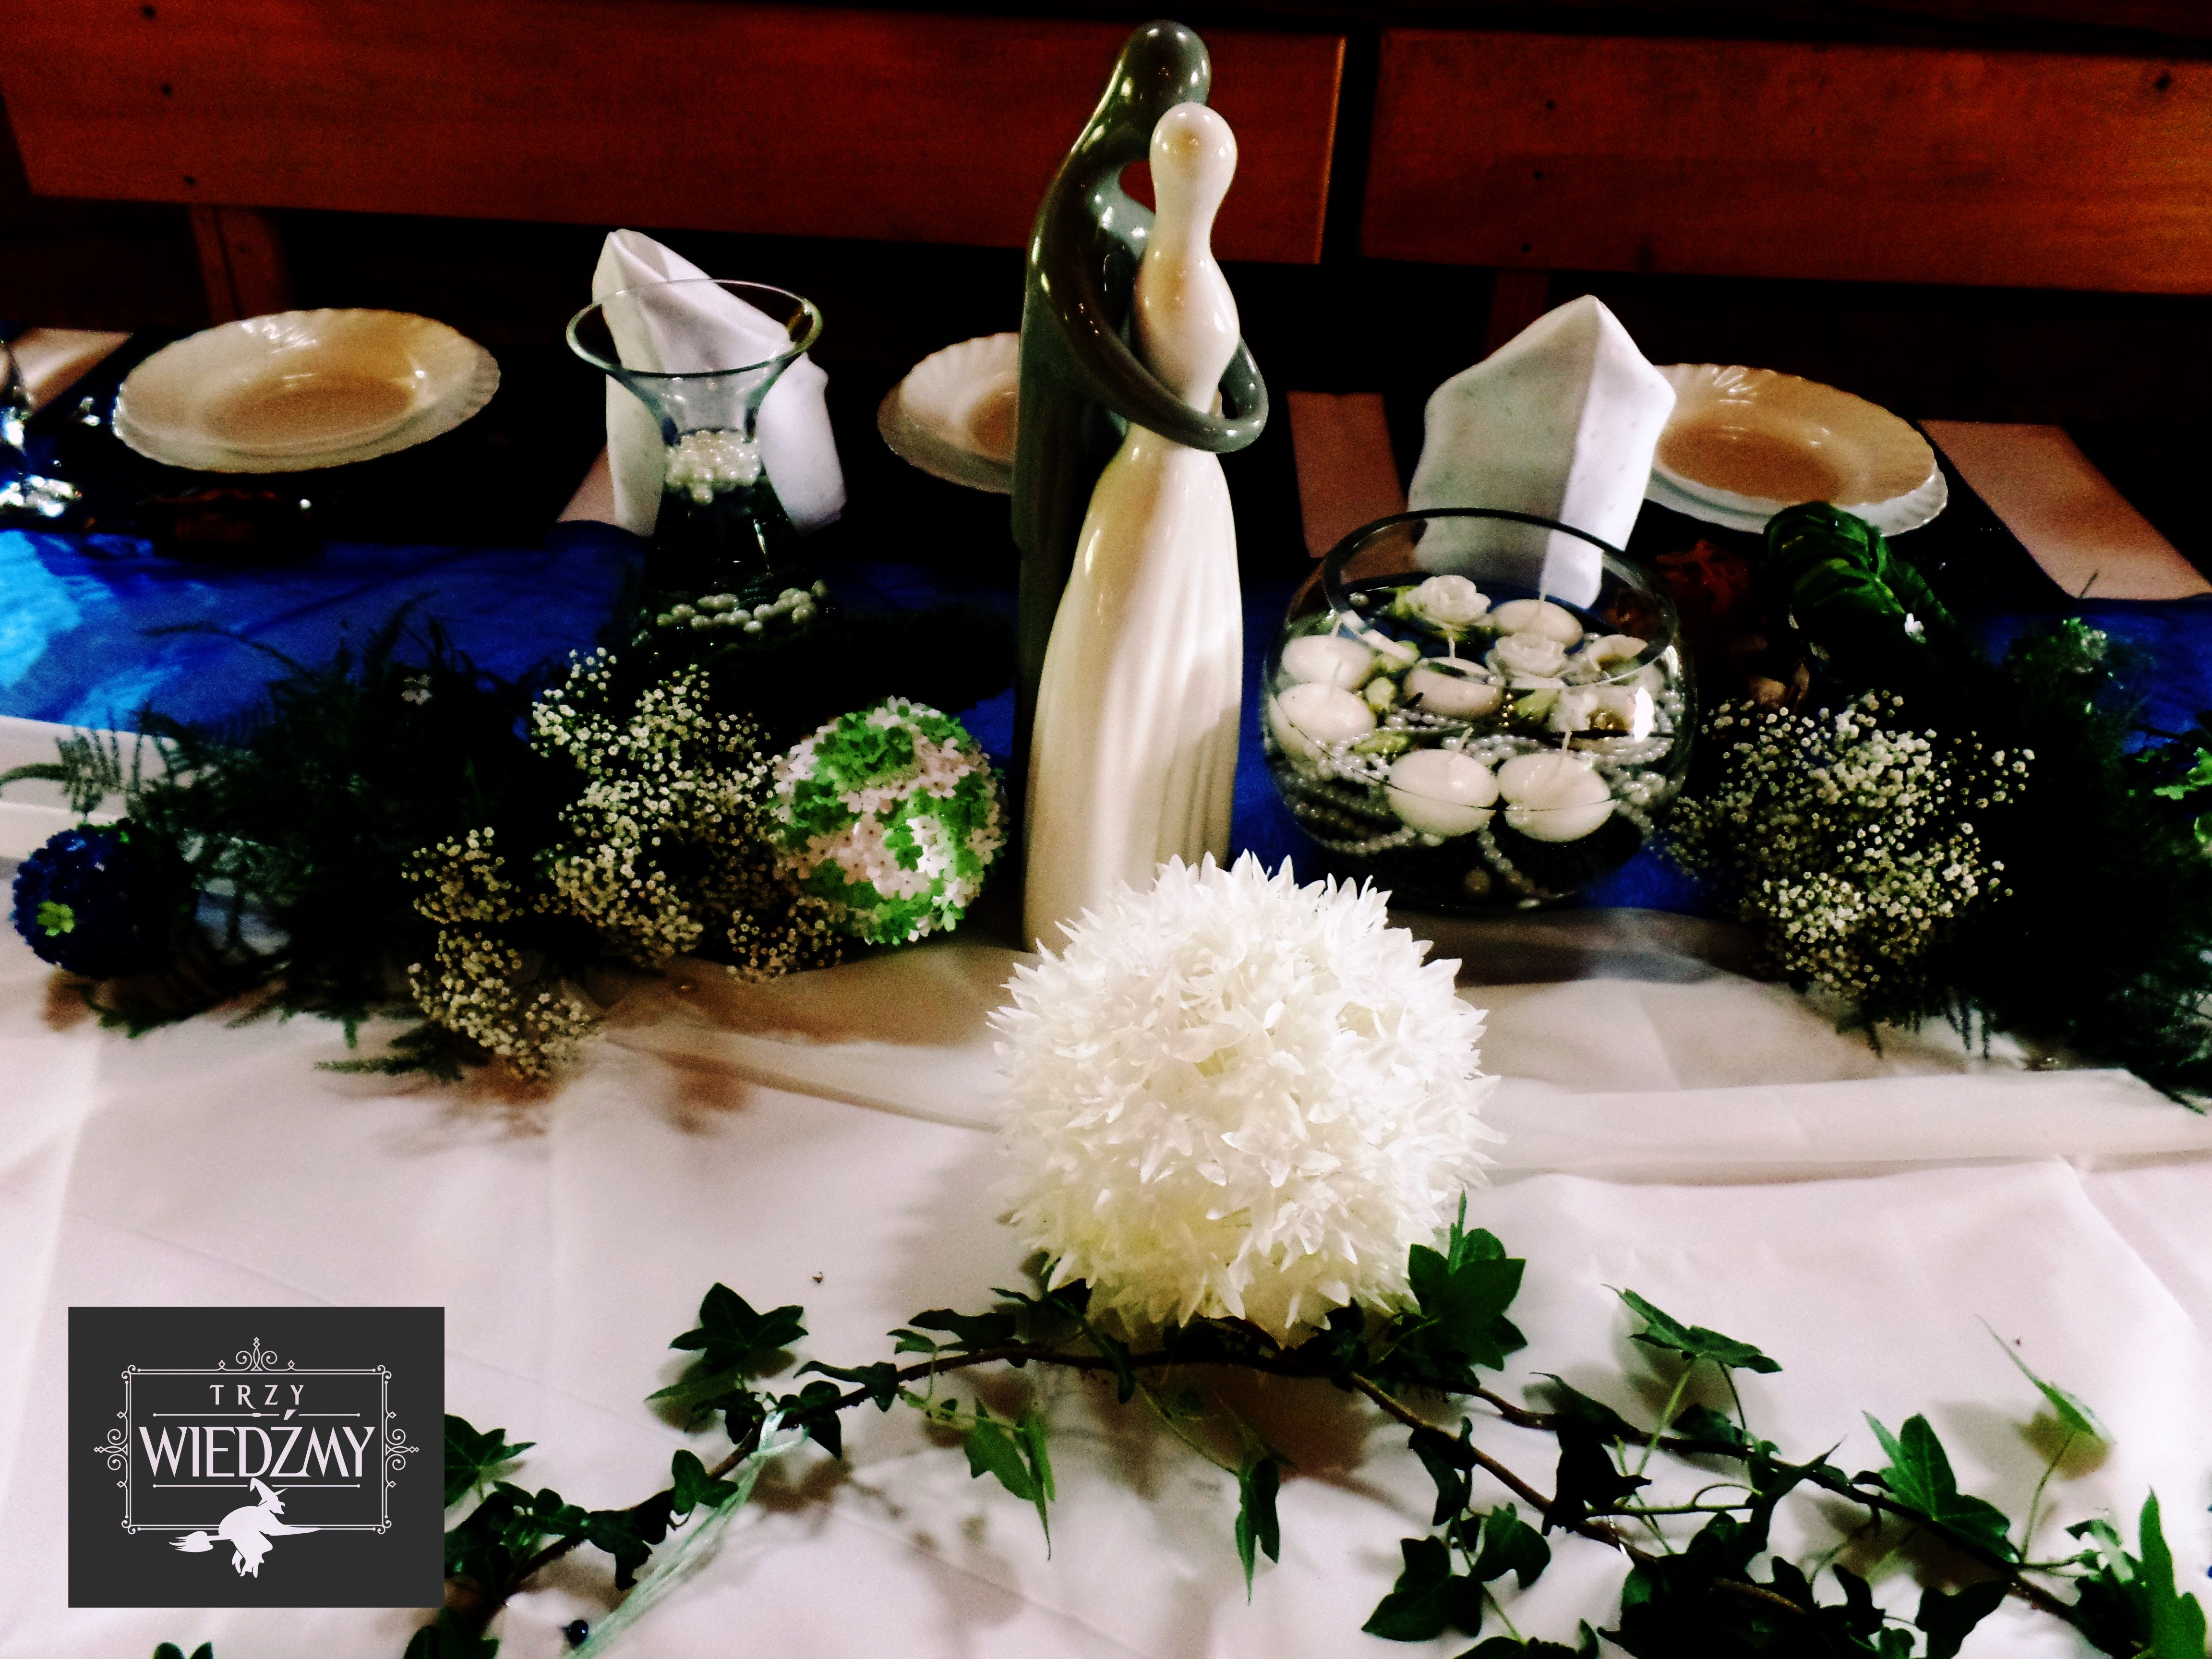 Stol Panstwa Mlodych Do Dekoracji Uzyto Bialych Kwiatow Zielonych Lisci Zatopionych Bialych Swiec I Figurki Pary Mlodej Table Decorations Decor Home Decor